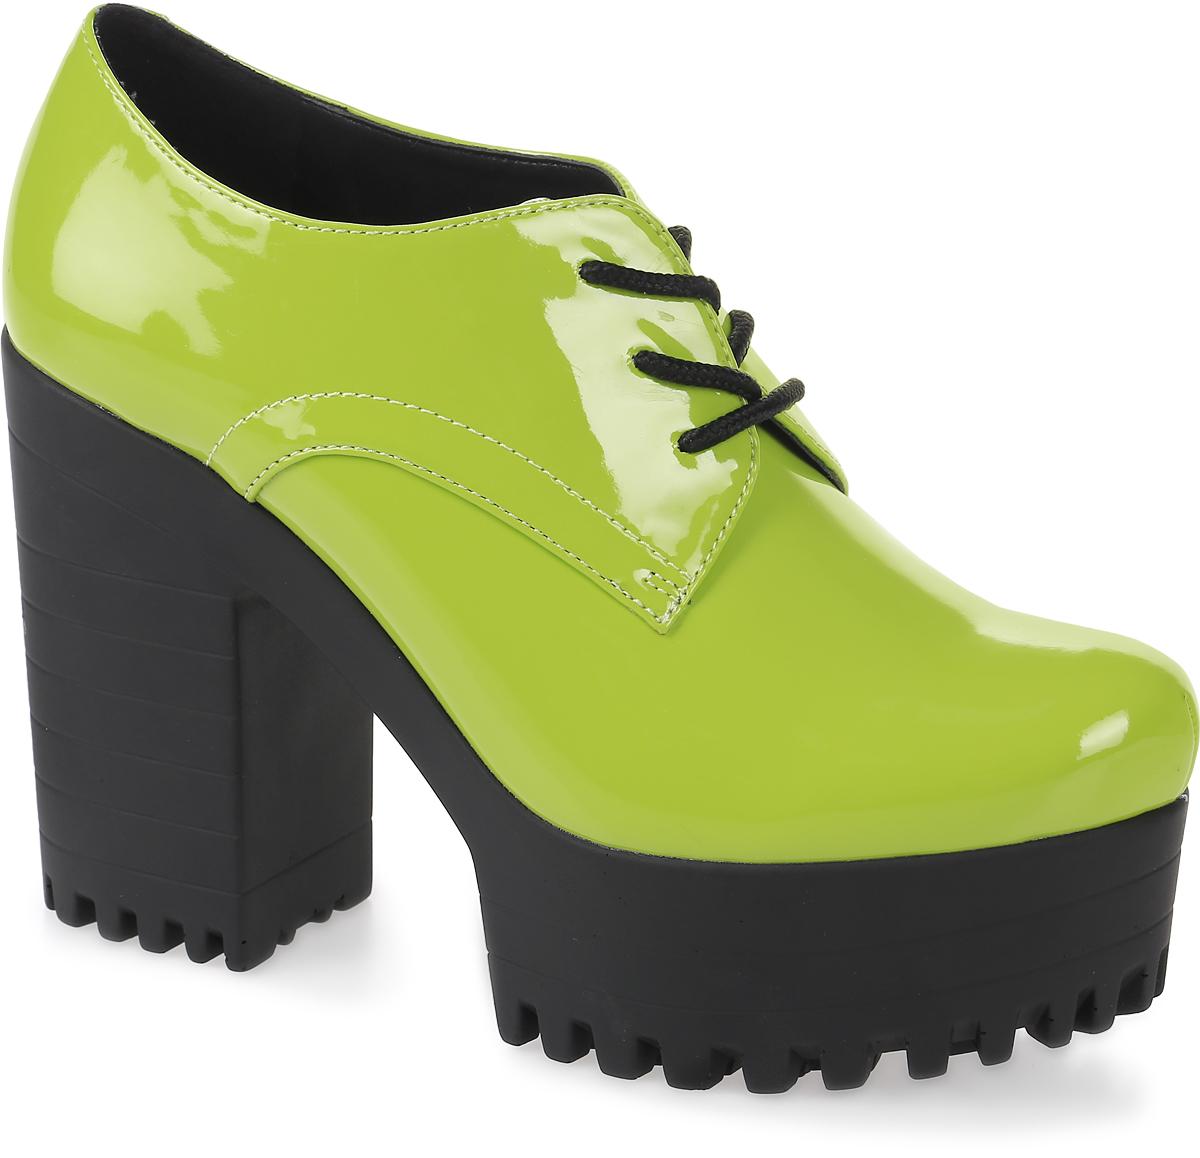 Ботильоны женские LK Collection, цвет: зеленый. QTE010C PU. Размер 40QTE010C PUМодные женские ботильоны на устойчивом каблуке и массивной подошве выполнены из искусственной кожи. Стелька выполнена из натуральной кожи. На подъеме модель фиксируется шнуровкой.